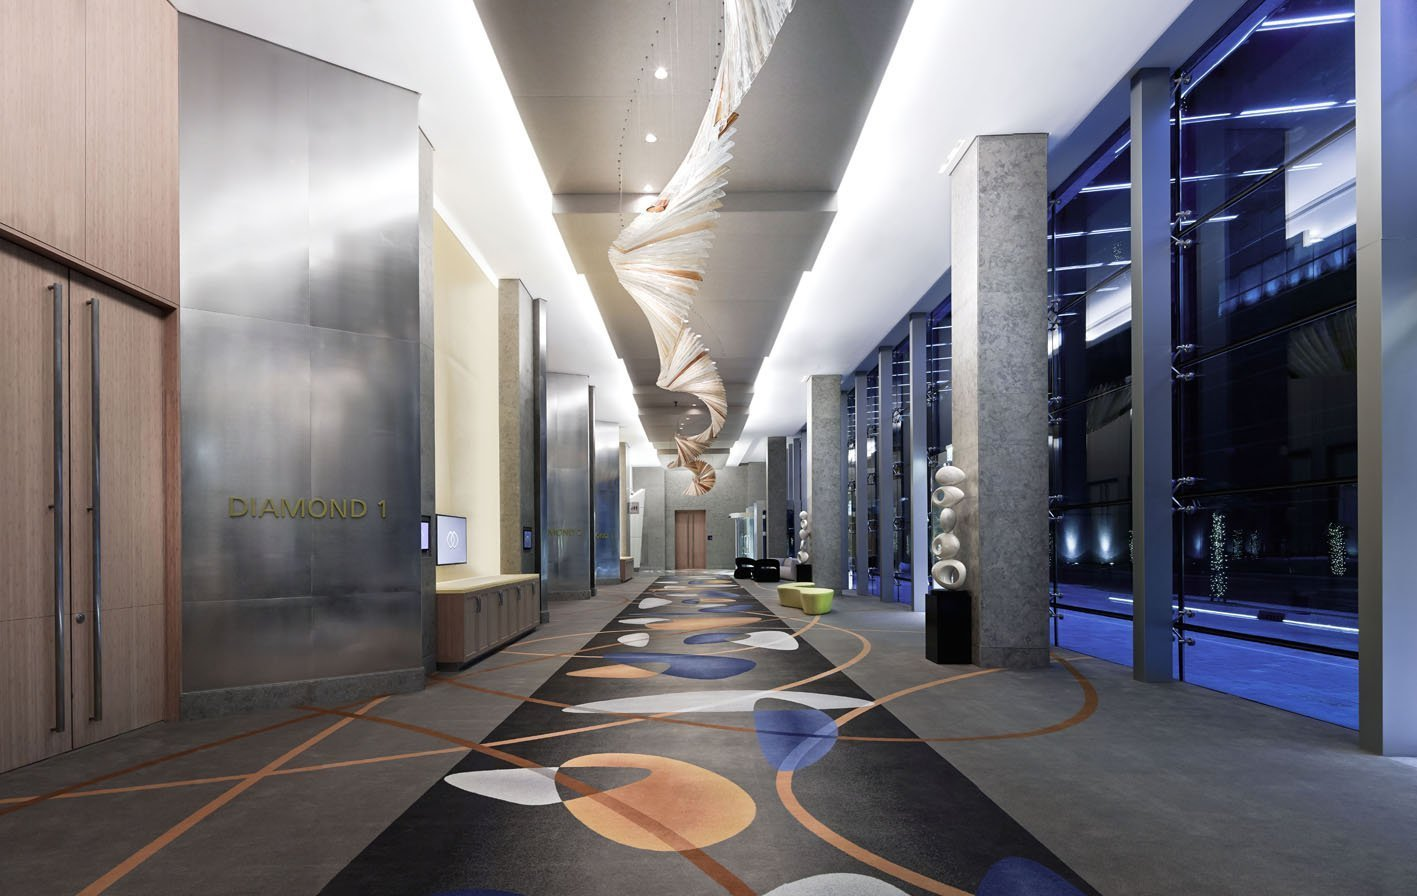 Vicaima equip 'Sofitel Luxury hotels' in Dubai